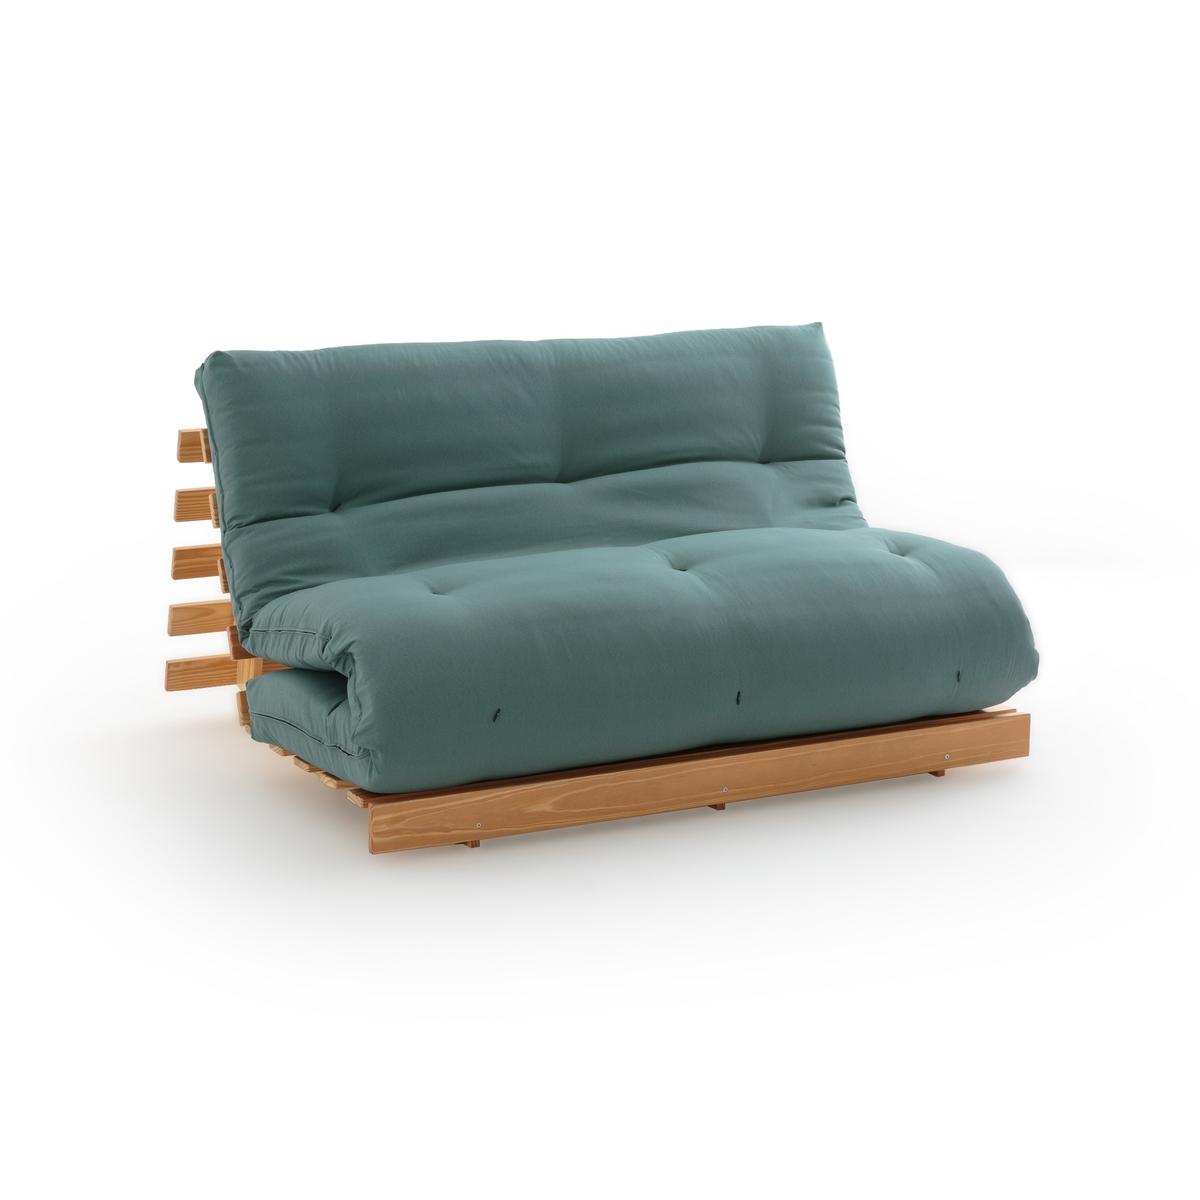 Матрас-футон La Redoute Из хлопка для банкетки THA 90 x 190 см зеленый комплект из полотенце для la redoute рук из хлопка и льна nipaly 50 x 100 см белый